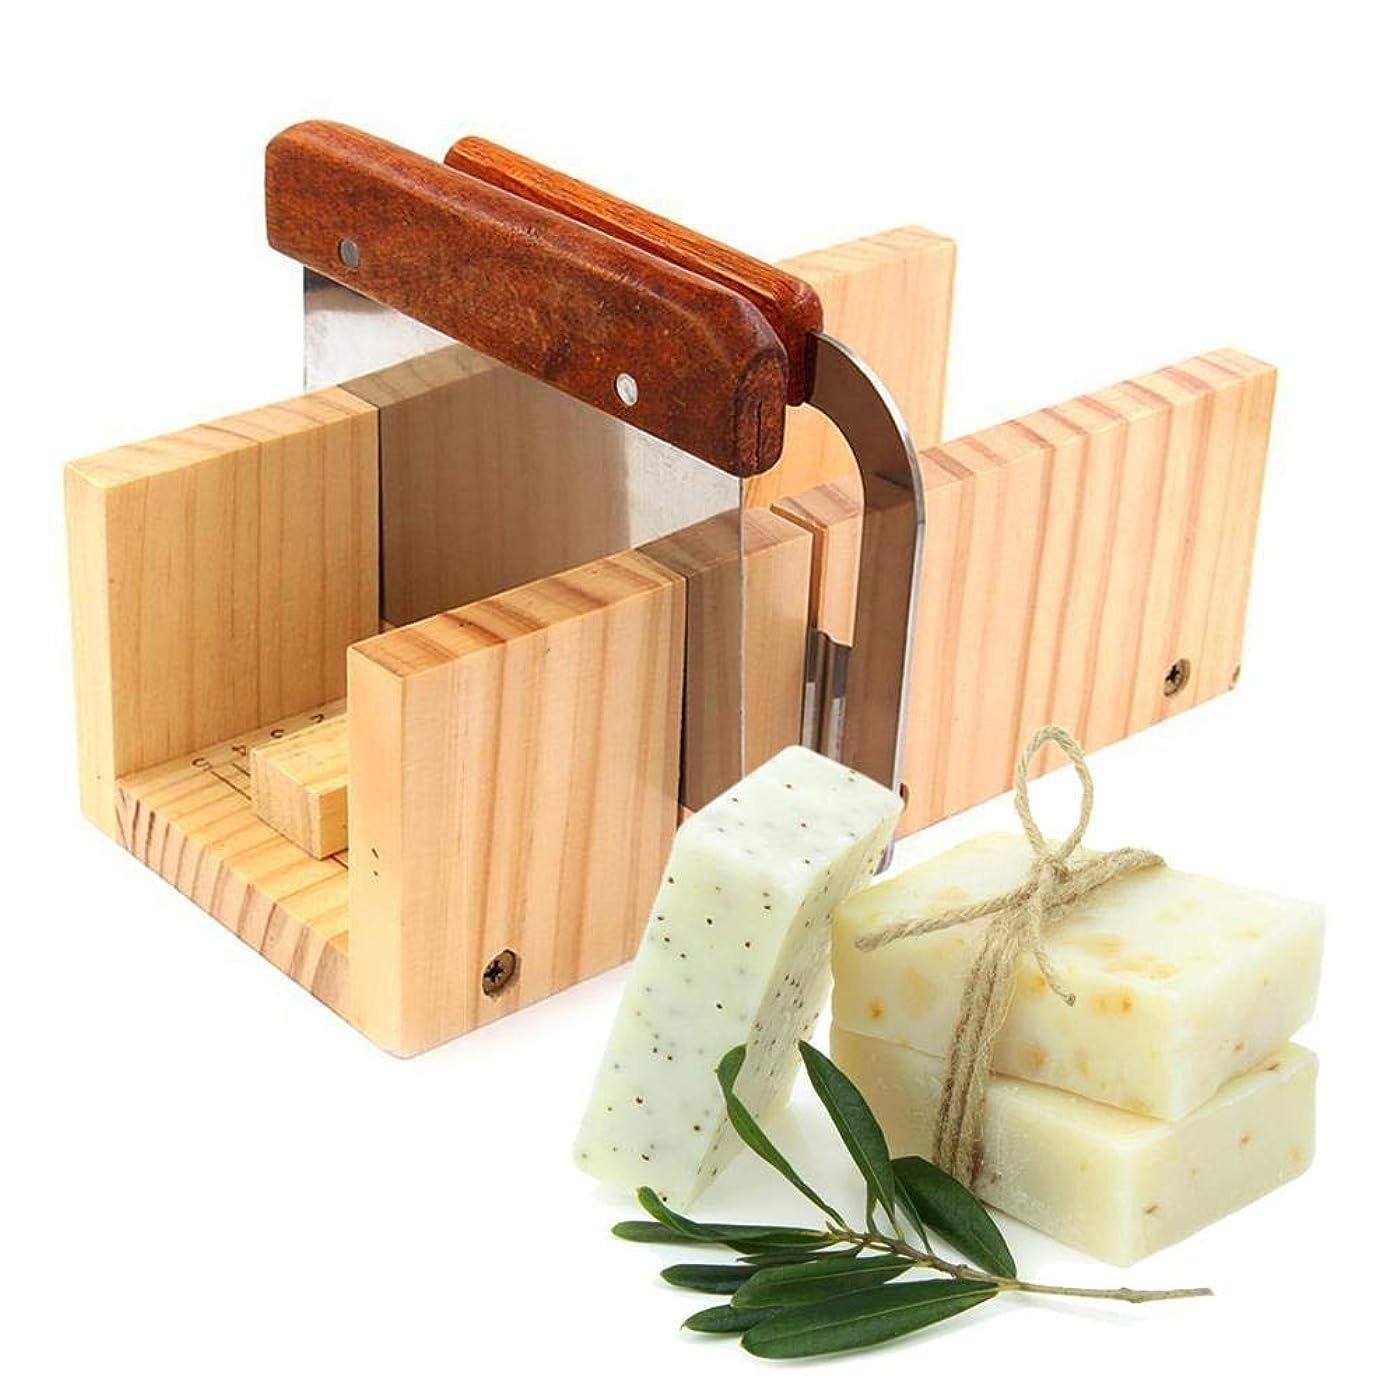 表面志す取り除くRagem ソープカッター 手作り石鹸金型 木製 ローフカッターボックス 調整可能 多機能ソープ切削工具 ストレートプレーニングツール